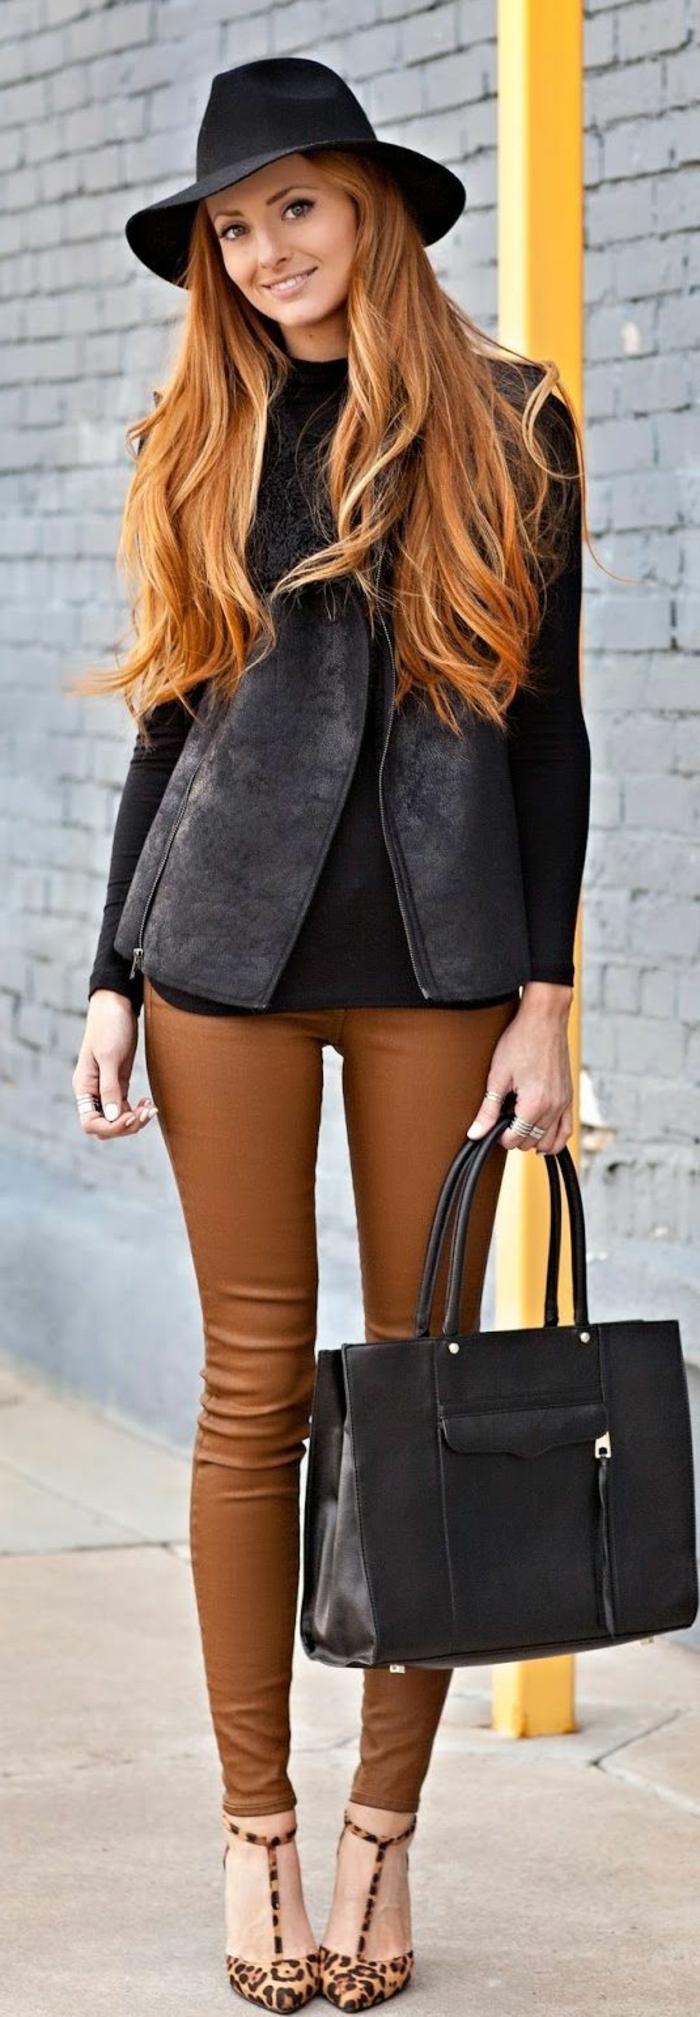 couleur-caramel-pour-cheveux-tenue-de-jour-pantalon-chaussures-a-talon-sac-a-main